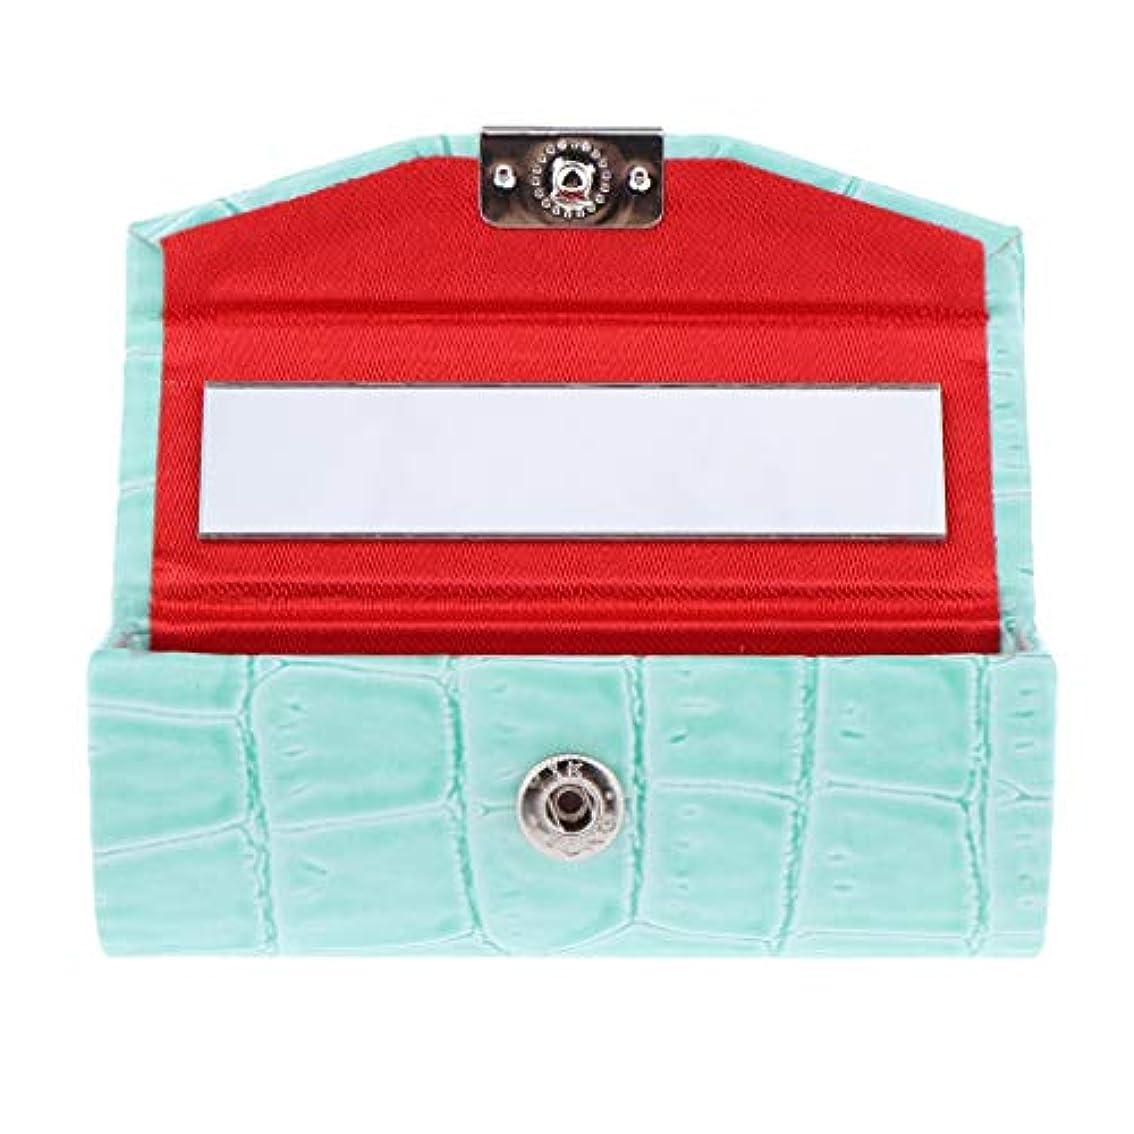 範囲追い出すラリーベルモントB Baosity 口紅ケース コインケース ミラー付き リップグロス ジュエリー 収納ボックス 多色選べ - ライトブルー